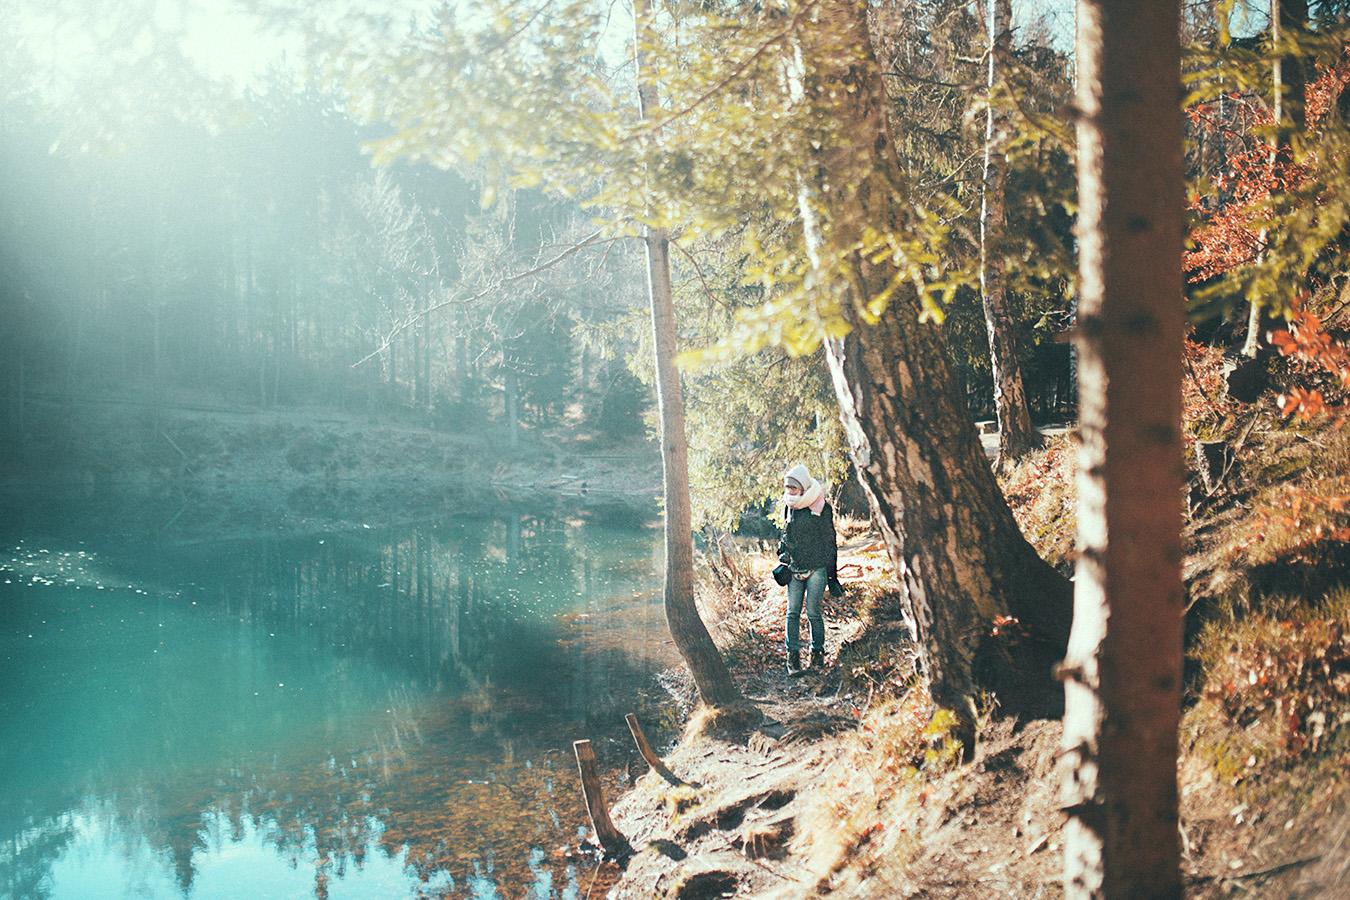 Błękitne, tudzież turkusowe jeziorko